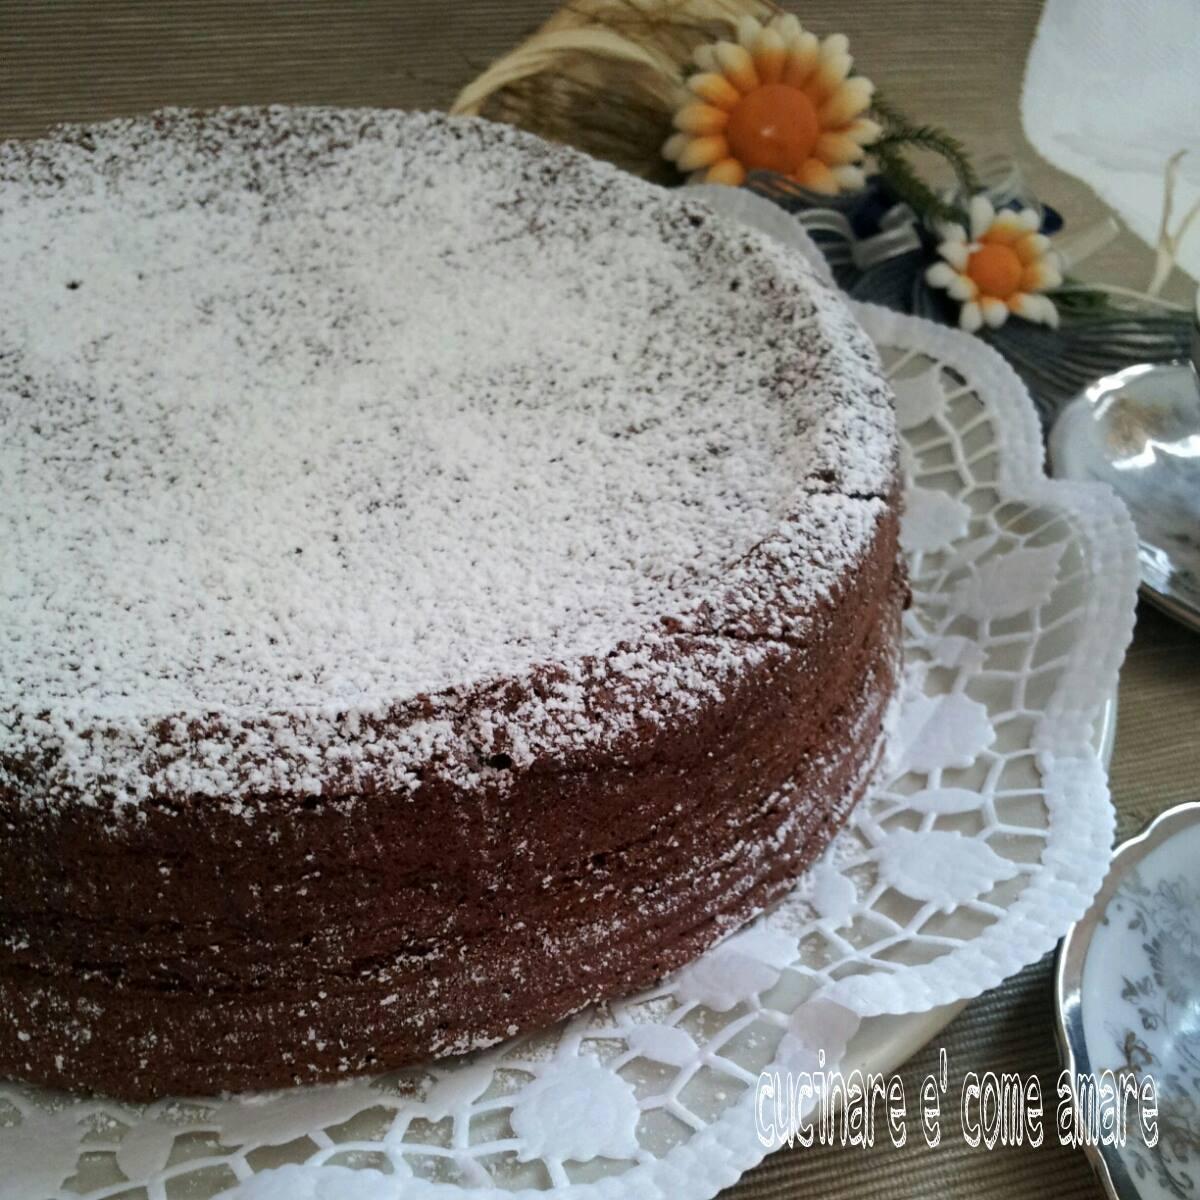 dolce torta morbidella al cacao